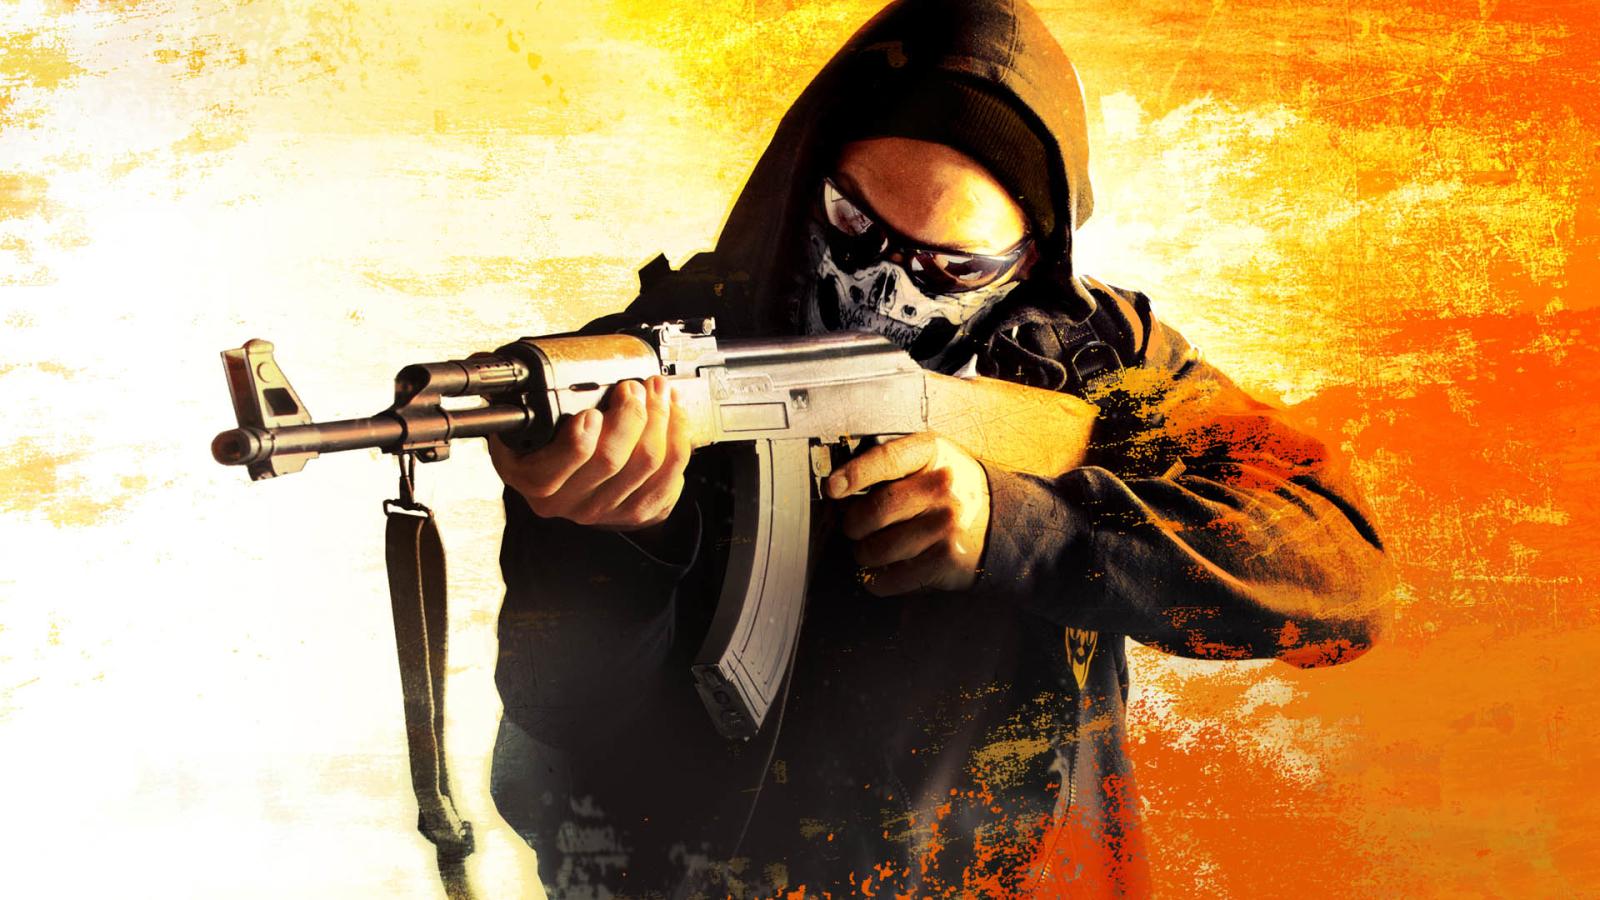 Counter-Strike: Global Offensive. Характеристики нового револьвера были снижены